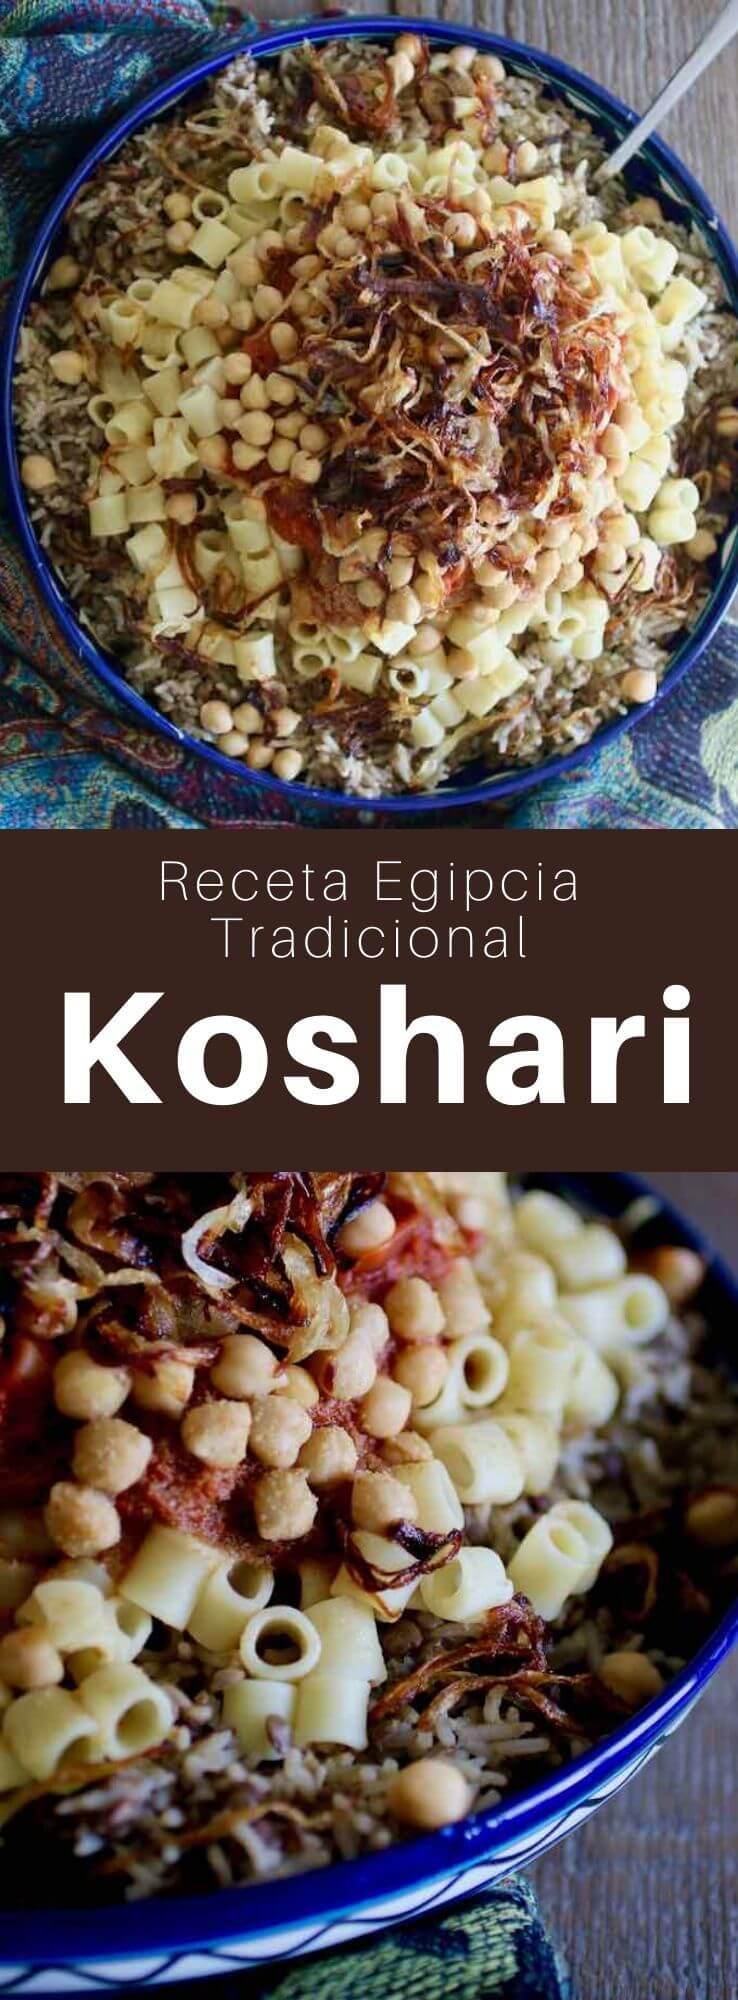 El koshari es un plato muy popular en Egipto, hecho con arroz, lentejas, garbanzos y macarrones, cubierto con una salsa de tomate picante y cebollas fritas.